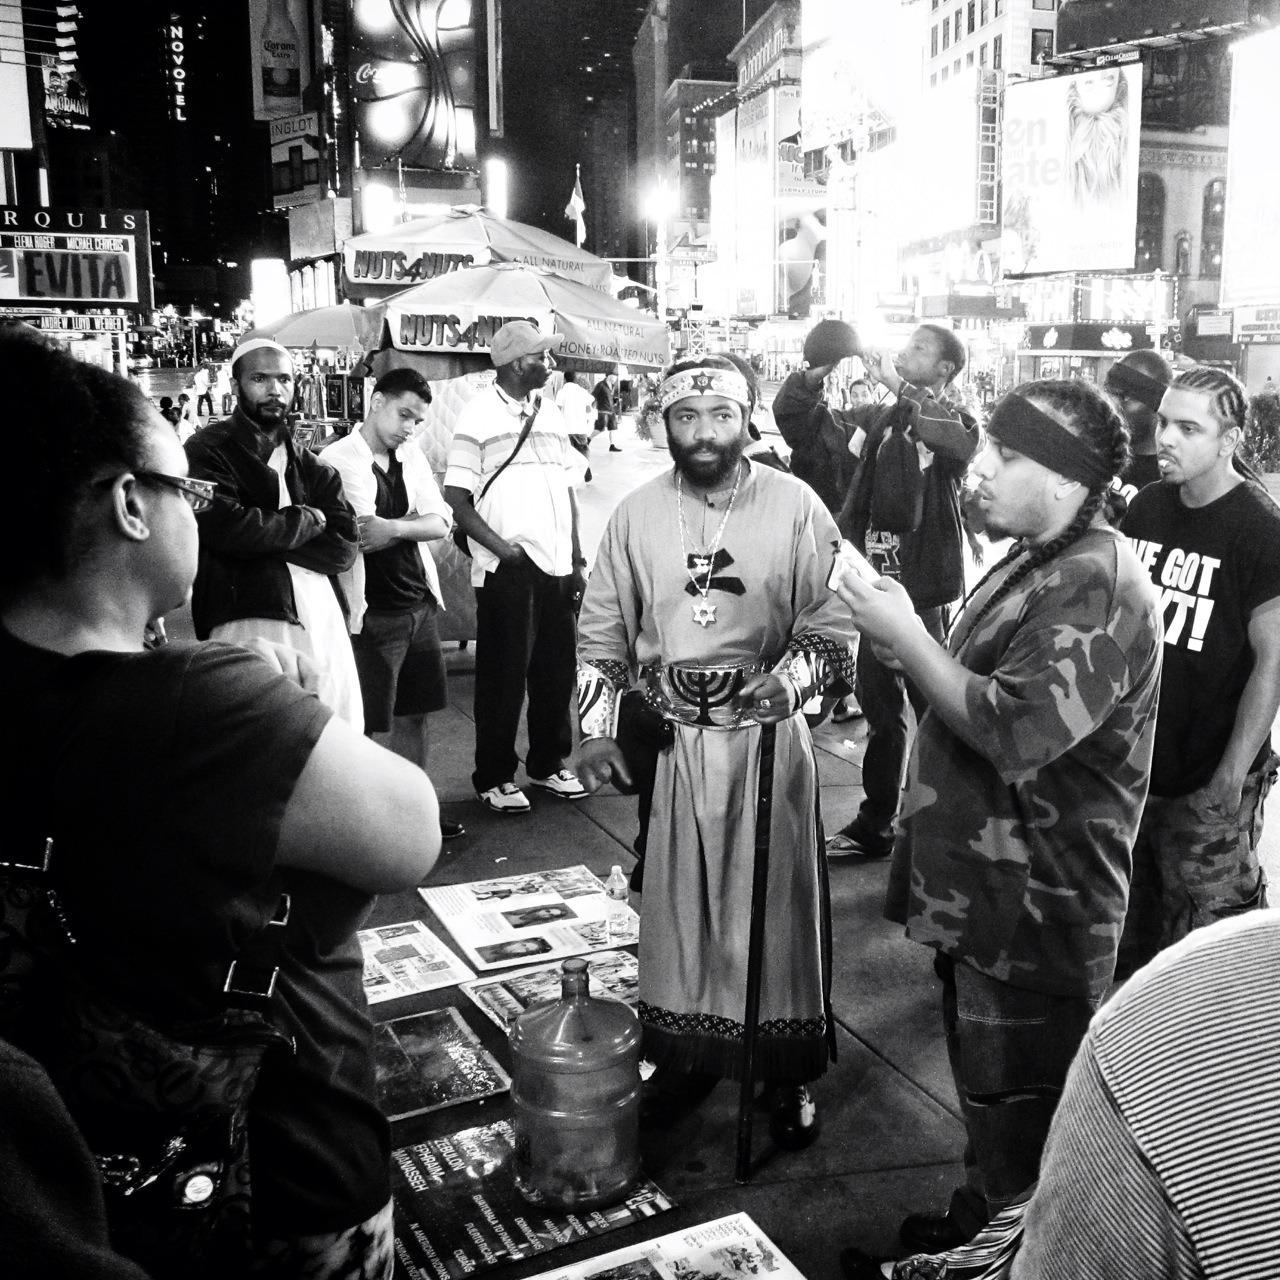 240 - Street Preacher   #366project